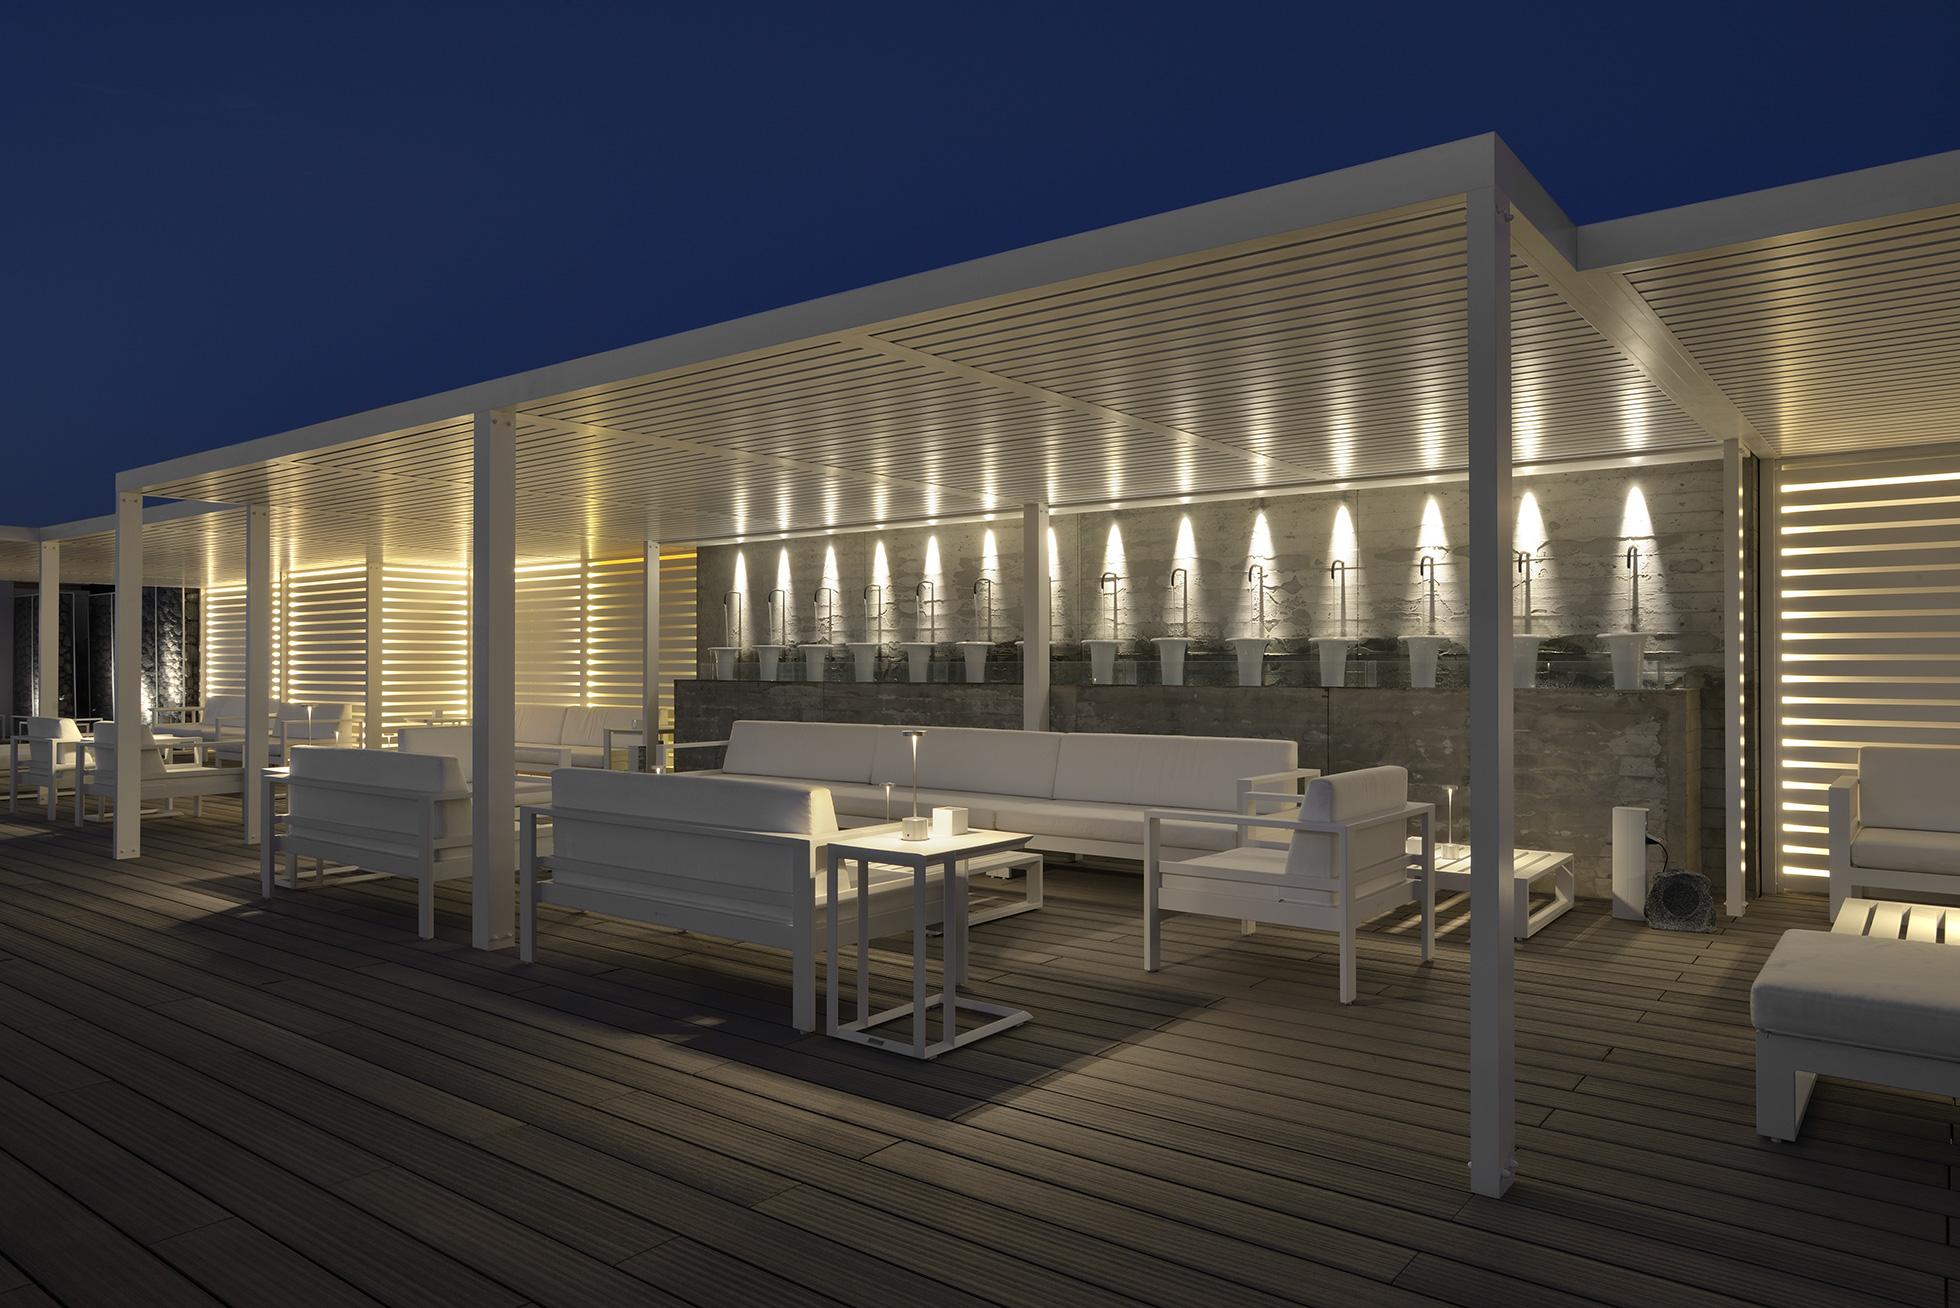 Florio terrazza | luminae lighting design